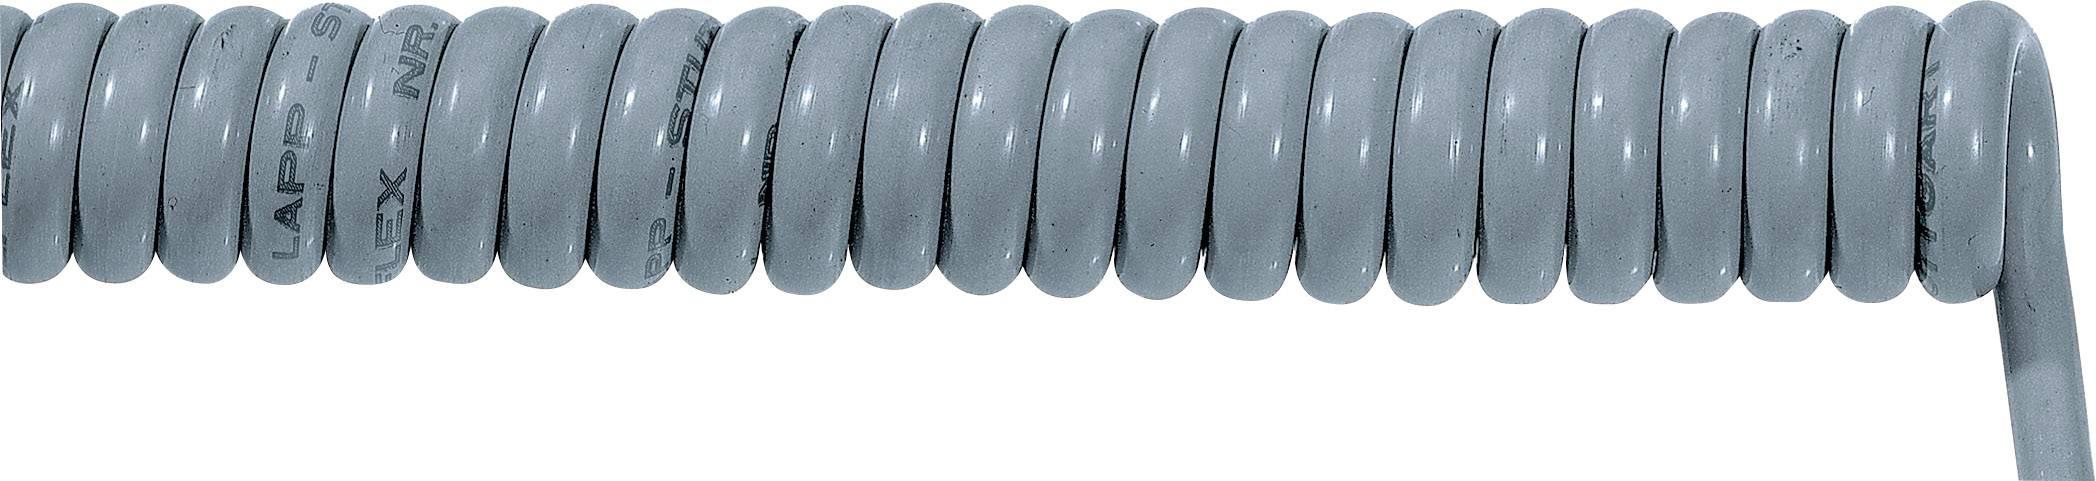 Špirálový kábel 70002667 ÖLFLEX® SPIRAL 400 P 7 x 1 mm², 1000 mm / 2500 mm, sivá